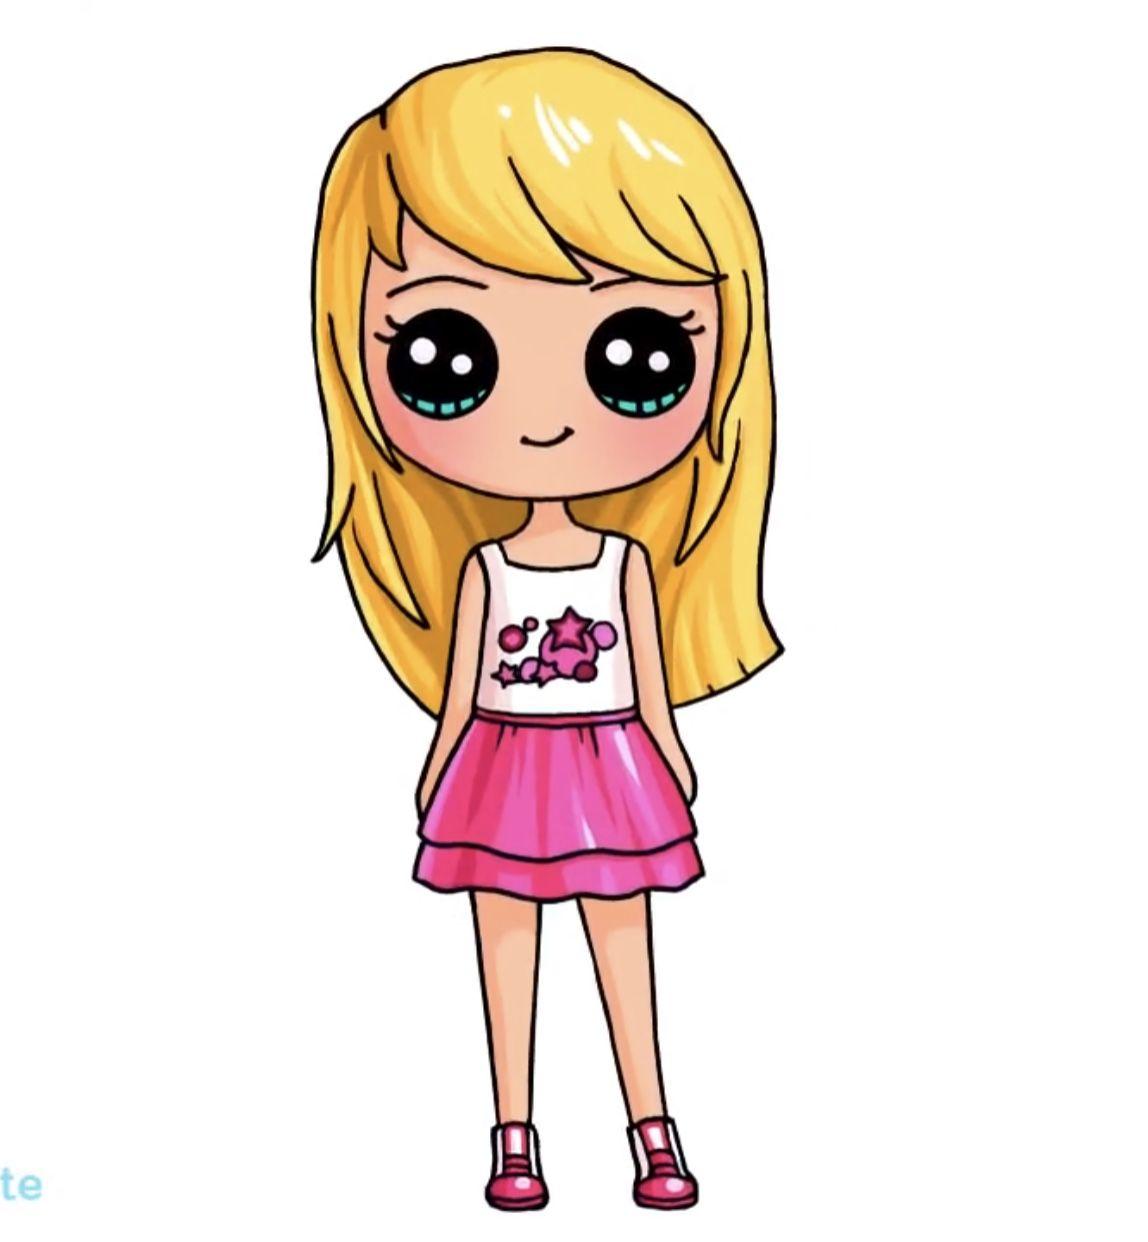 Pin By Zyri On Drawings In 2020 Cute Girl Drawing Kawaii Girl